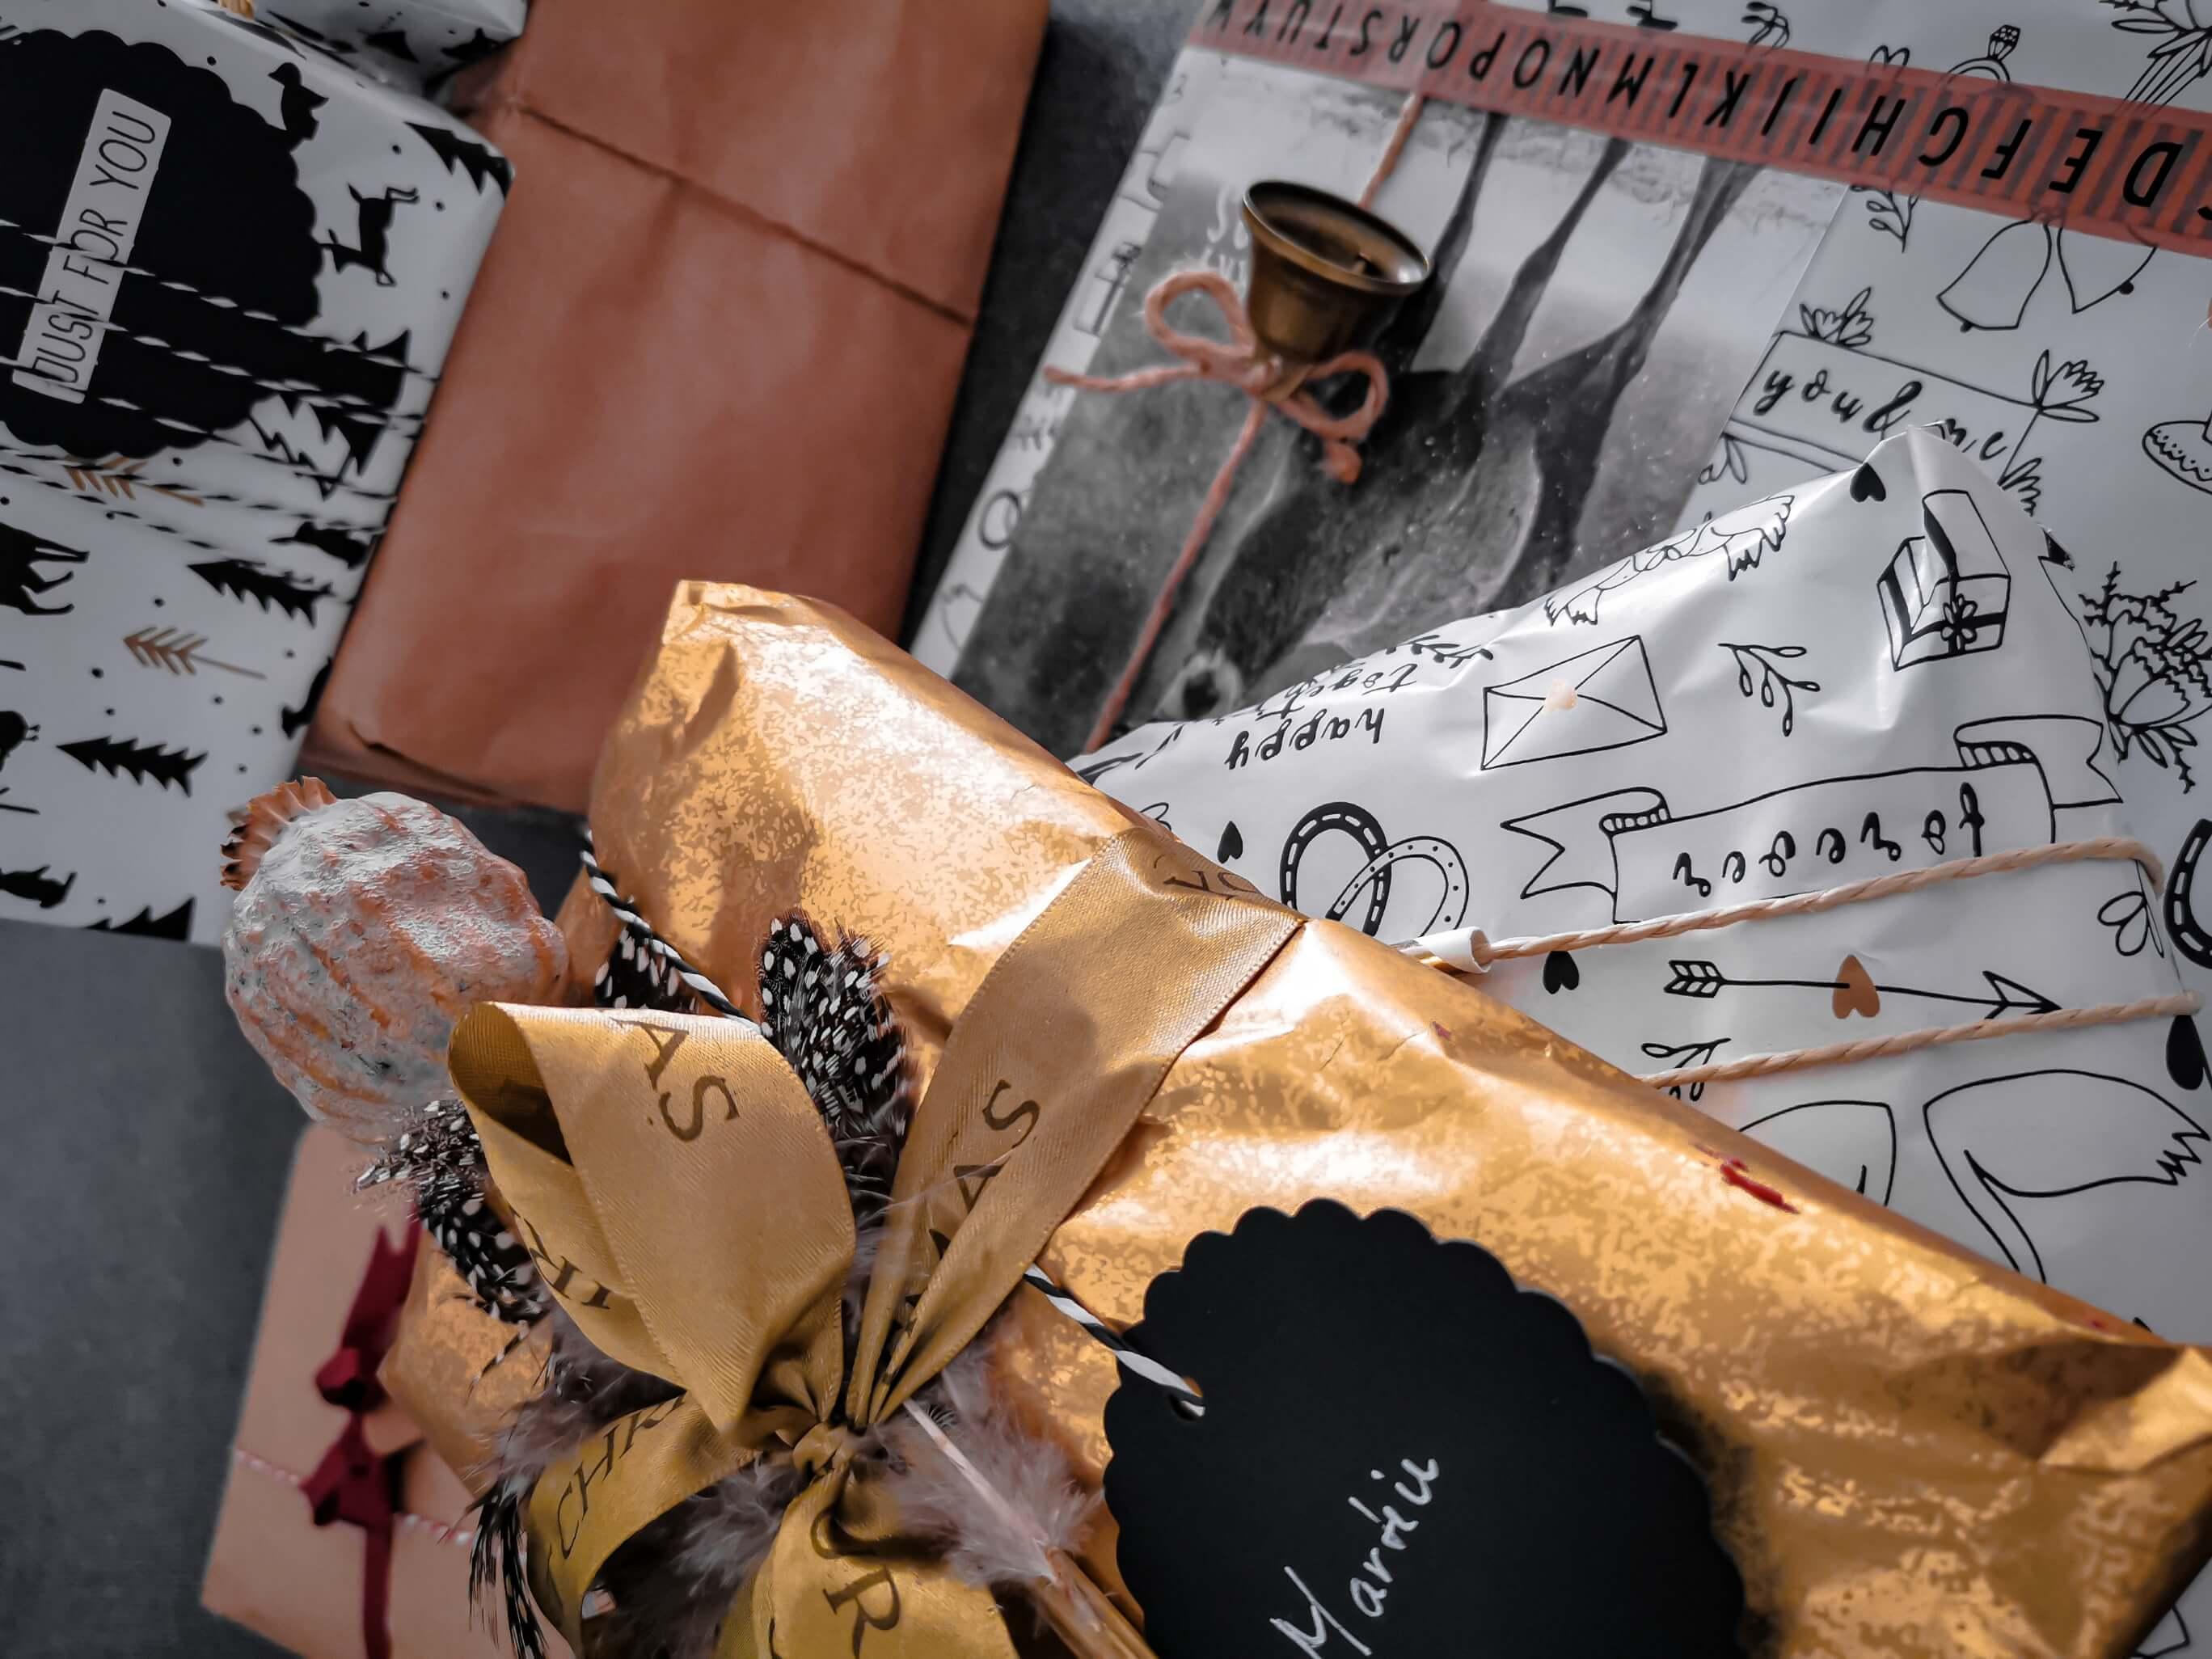 IMG 20191207 105041 2 resized 20191216 090829936 - 11 tipov ako zabaliť vianočné darčeky originálne a kreatívne